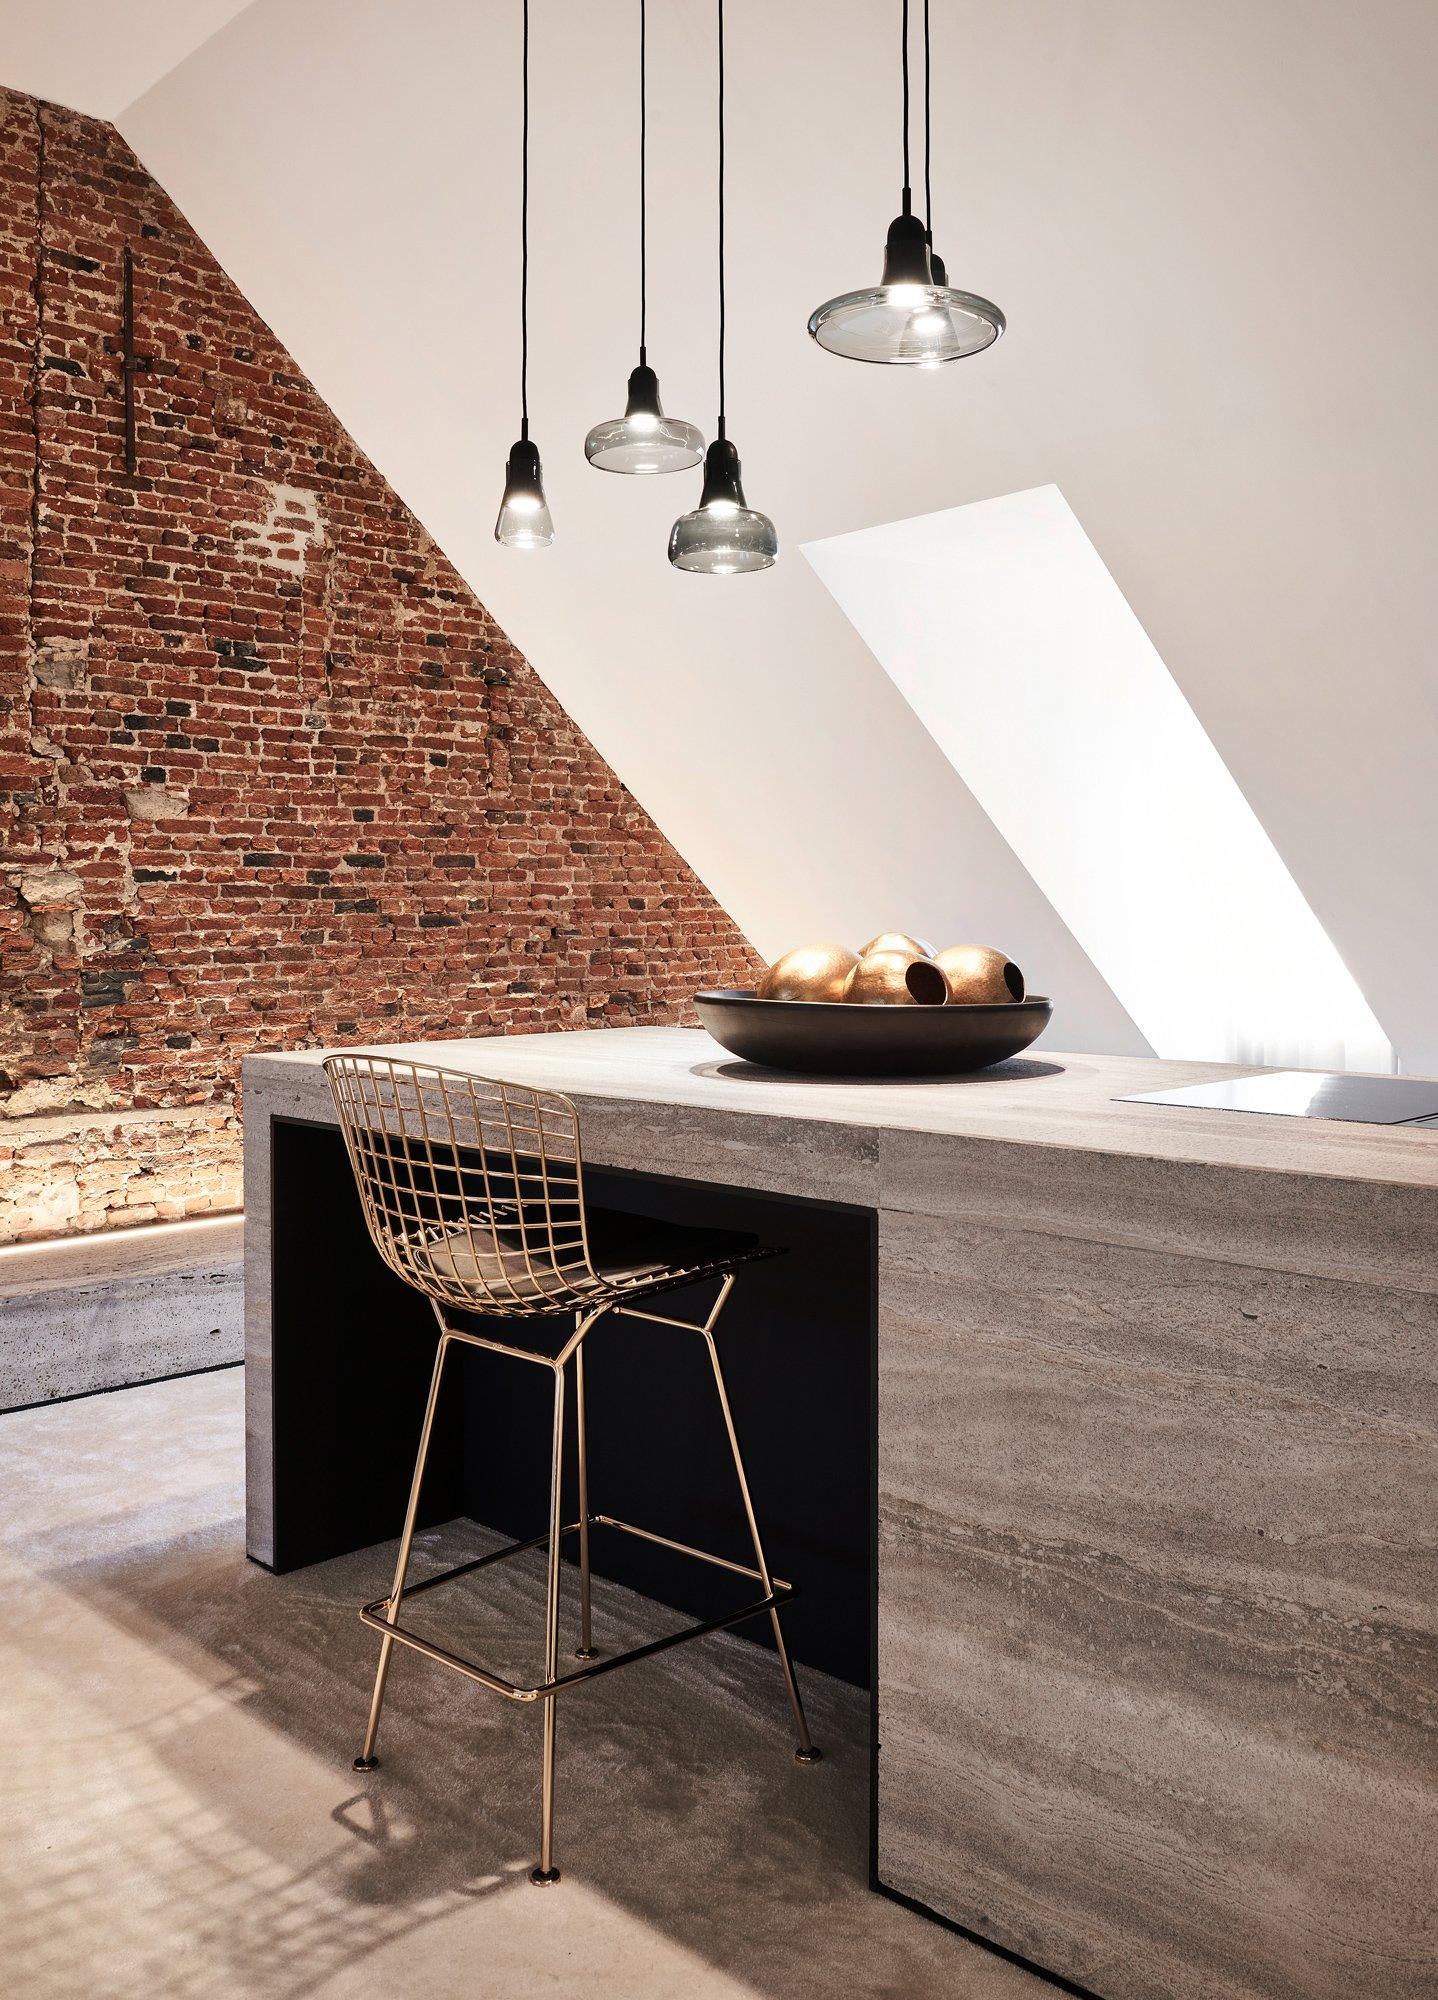 interior design multiple hanging lamps old brick details